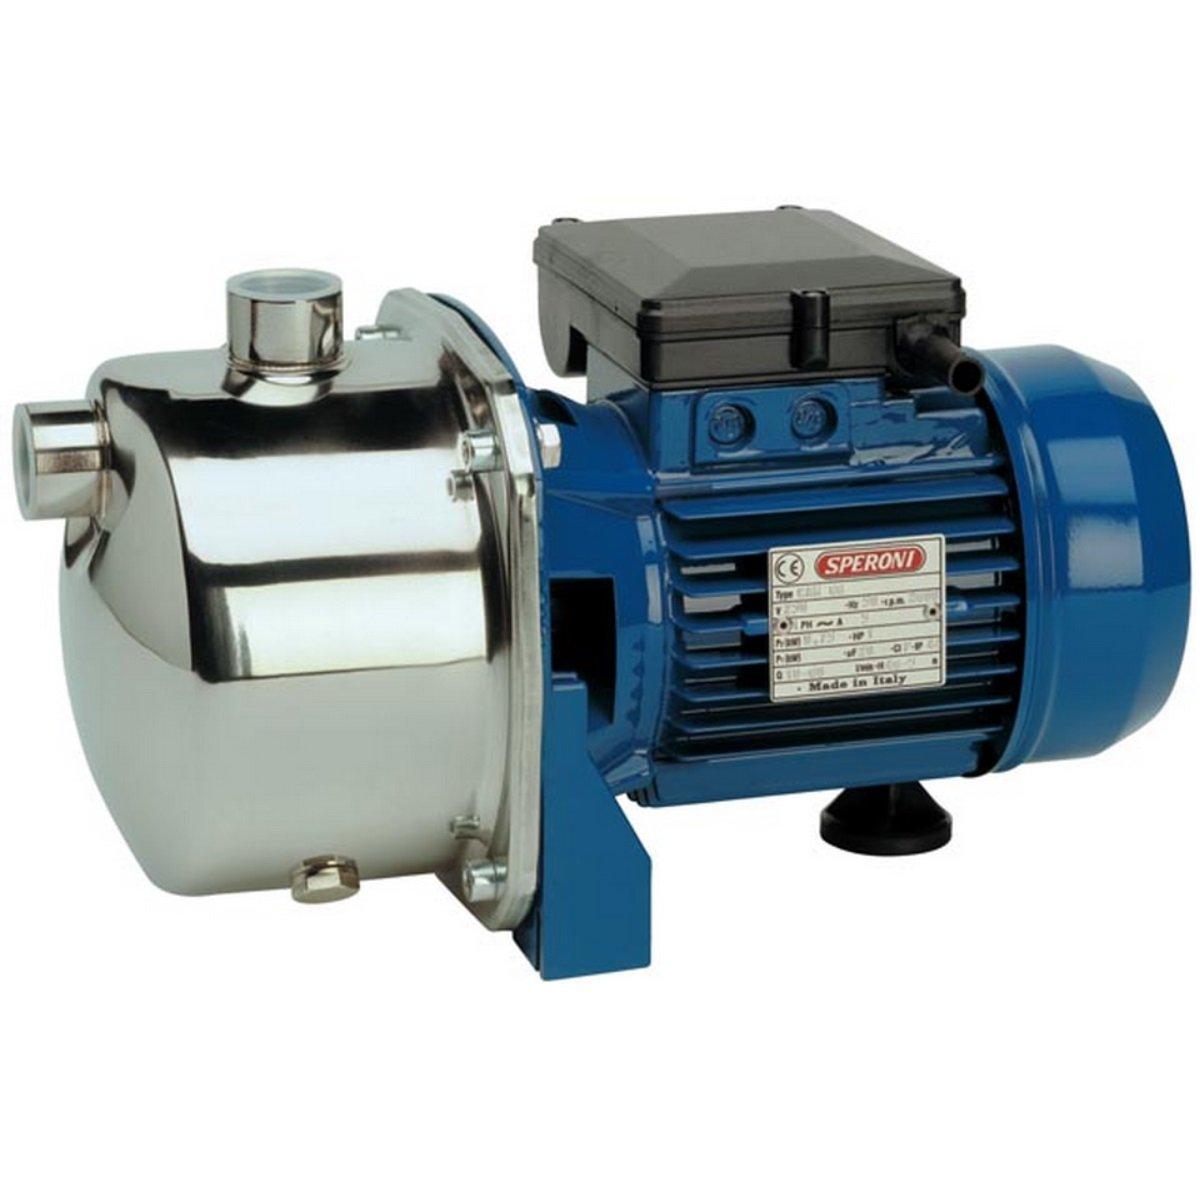 Sporen–Elektropumpe selbstansaugend Cam 88Edelstahl 0.75KW Pumpe 220Volt einphasig